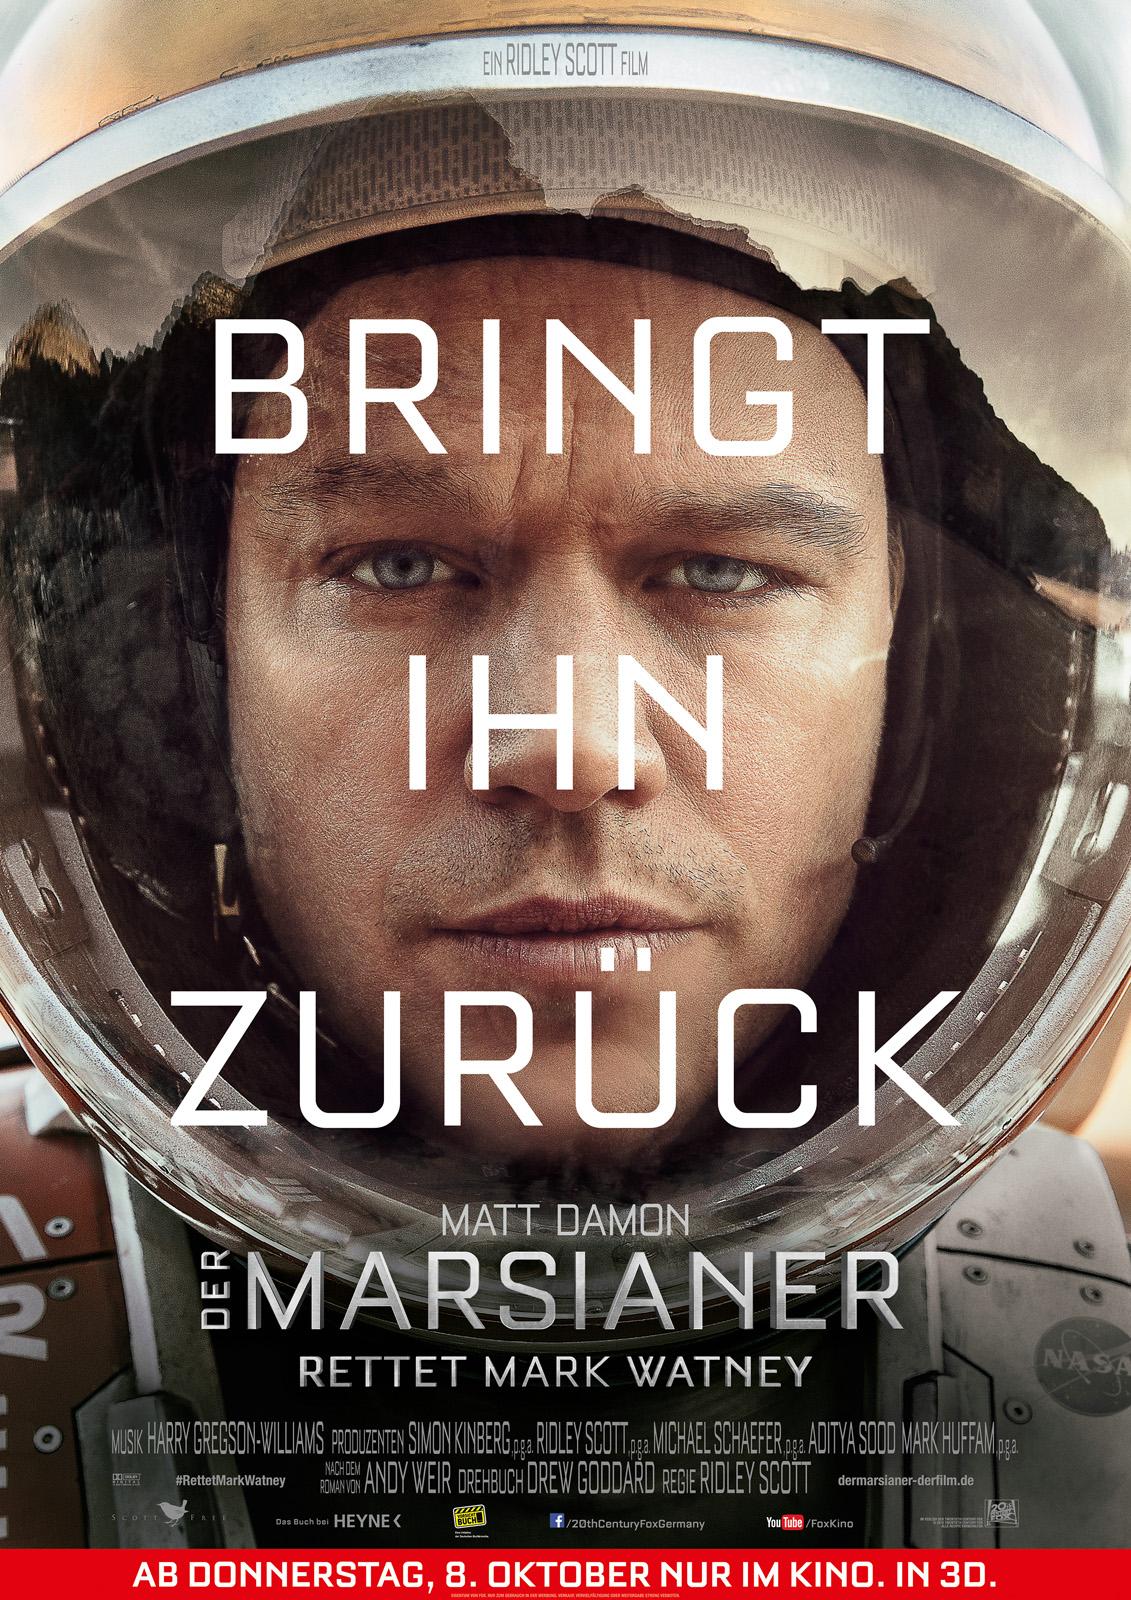 Der Marsianer – Rettet Mark Watney Besetzung